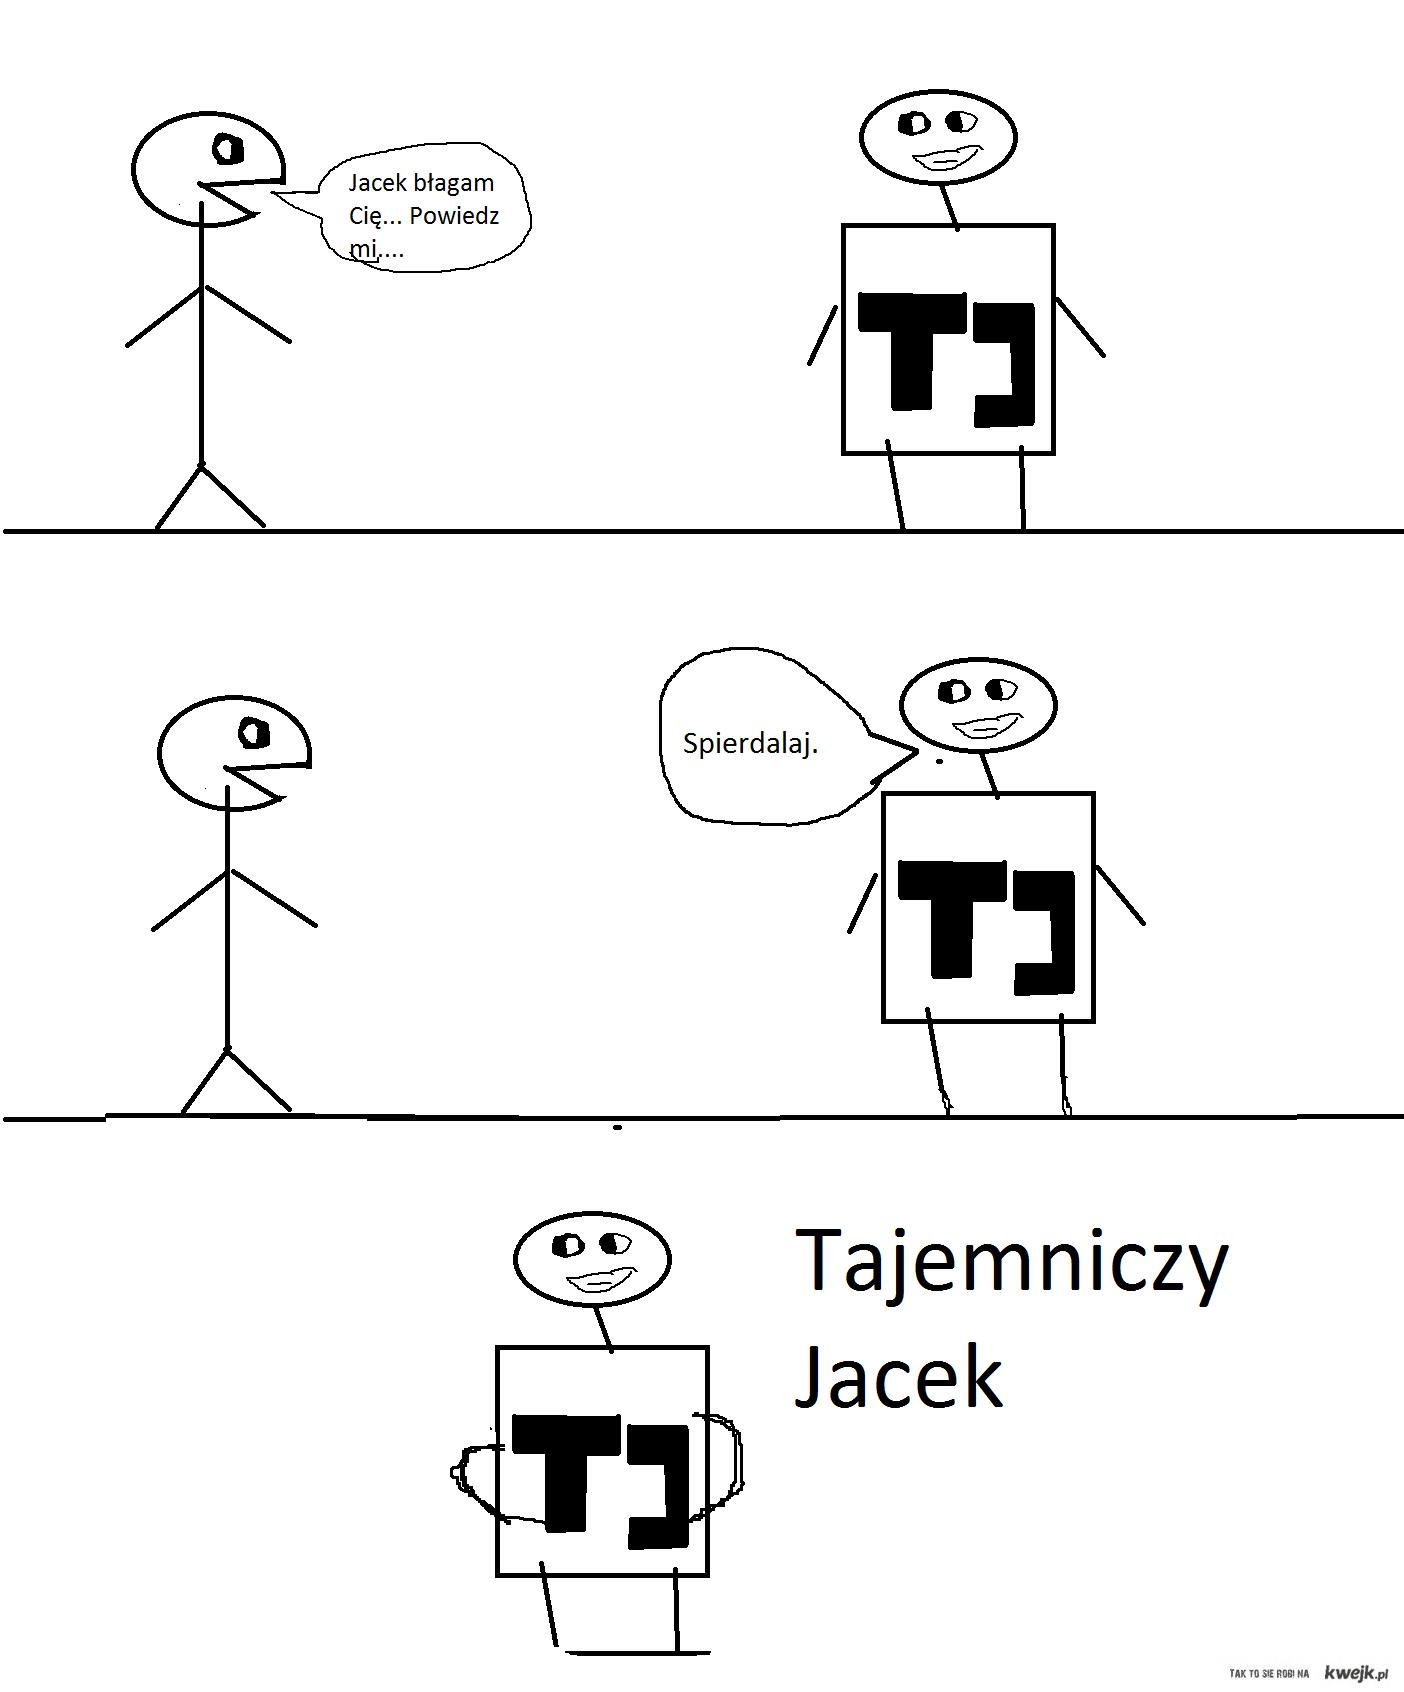 Tajemniczy Jacek